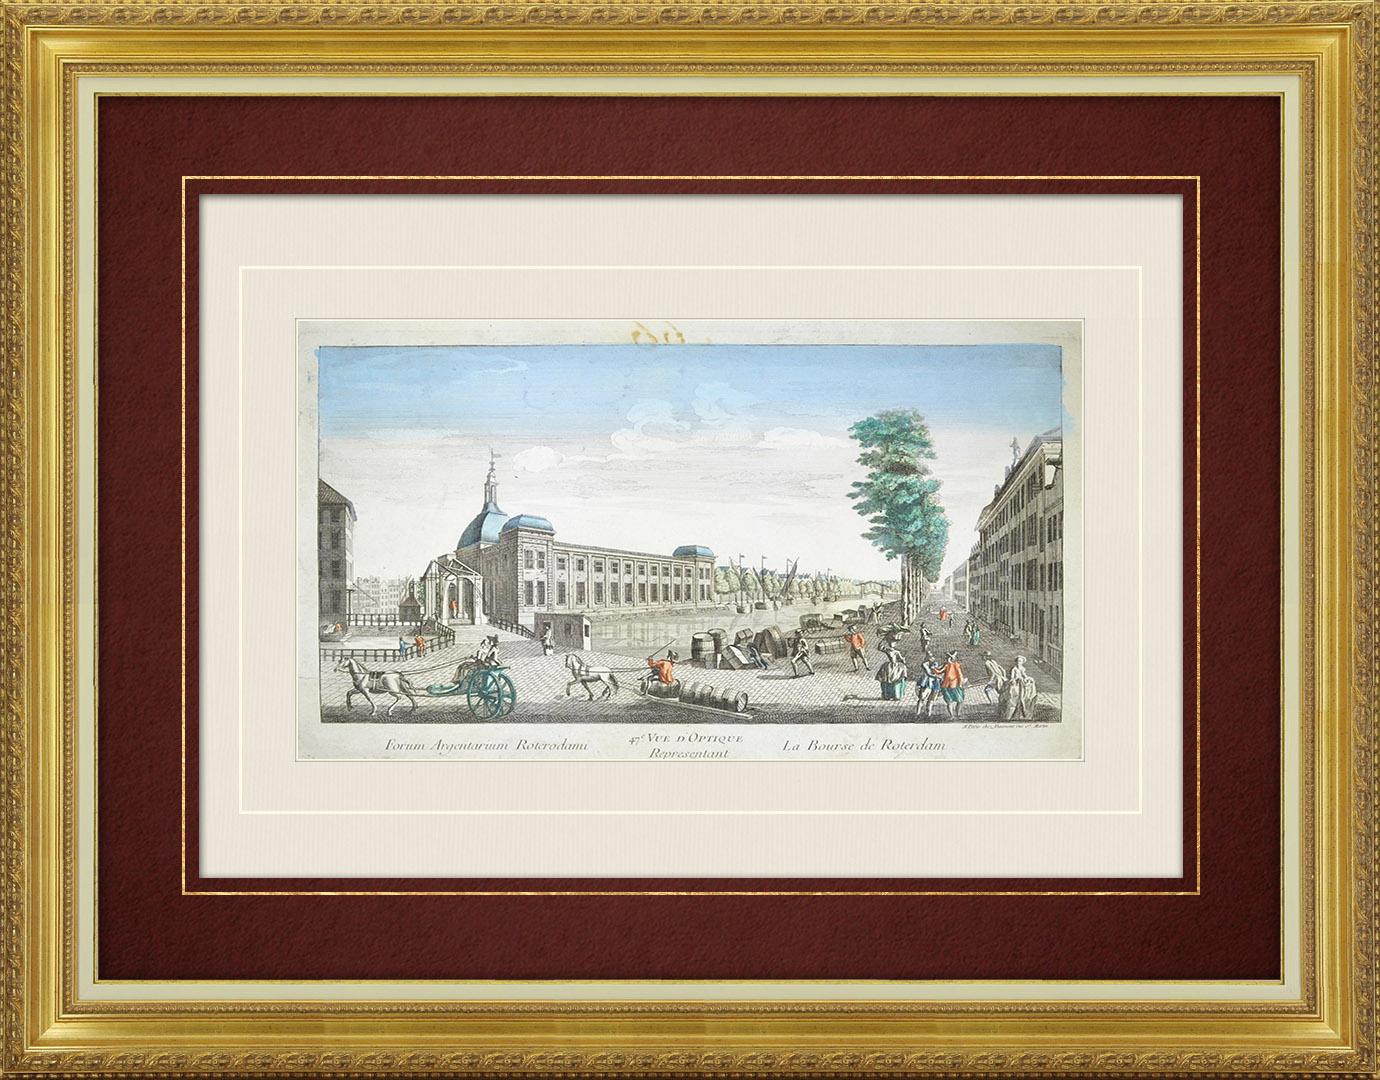 Vue d'optique du 18e siècle en coloris d'époque de la Bourse de Rotterdam (Hollande)